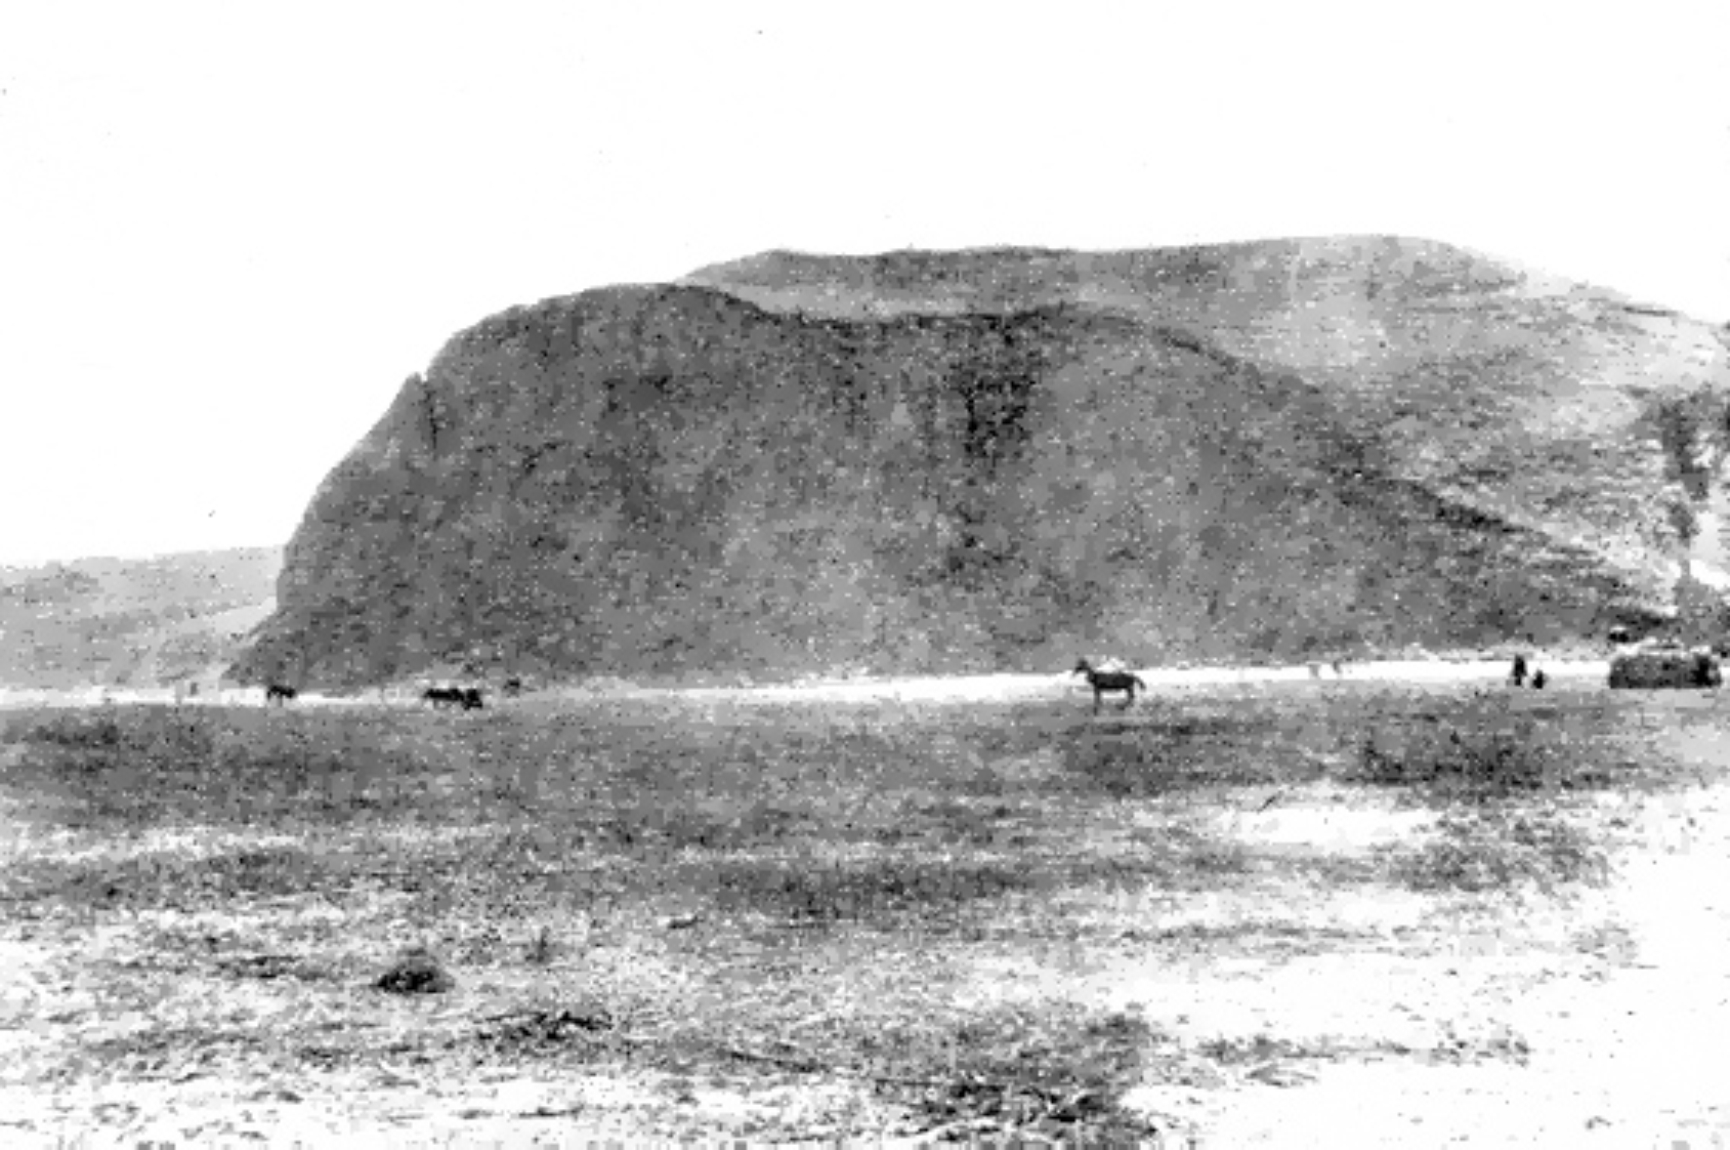 Sultana tell settlement, 1923